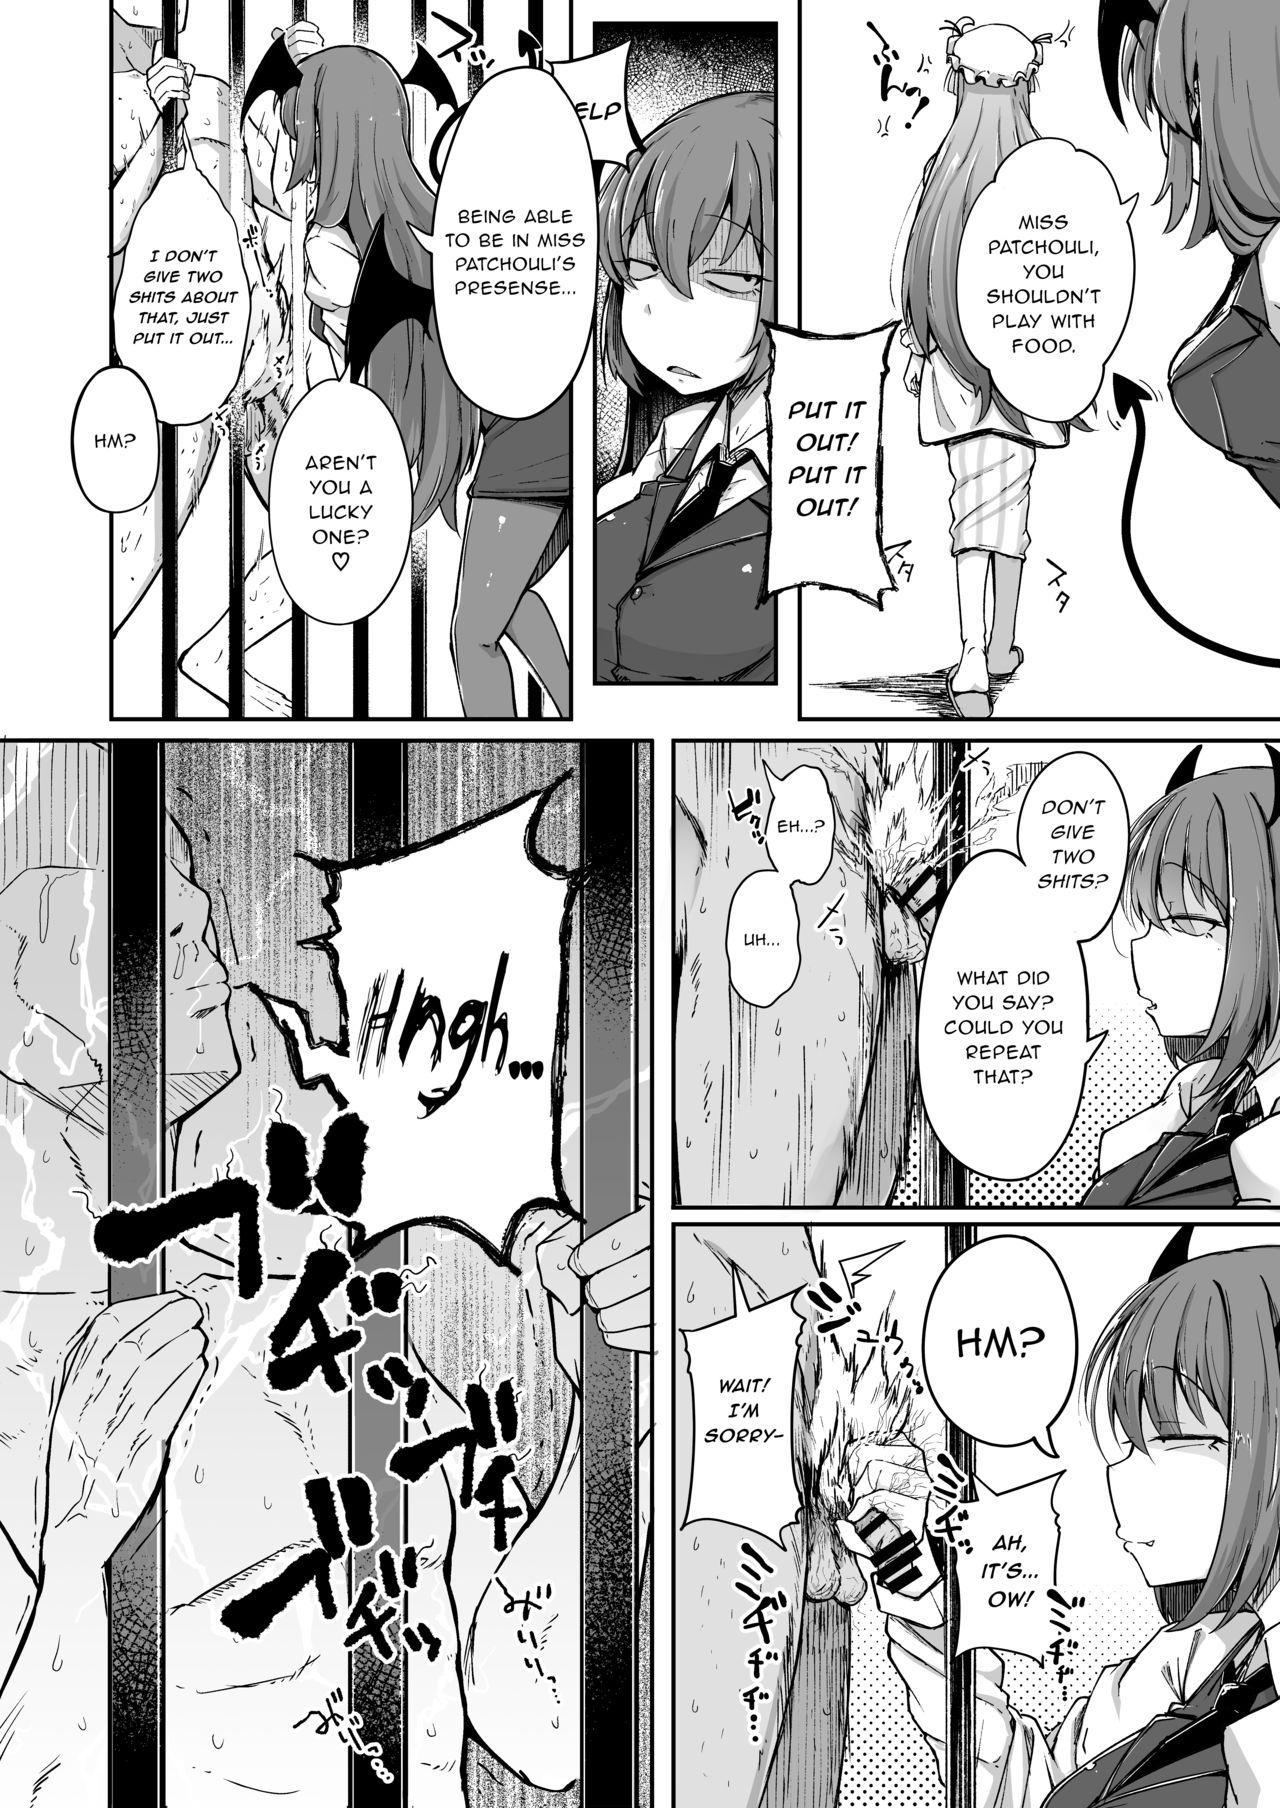 Ana to Muttsuri Dosukebe Daitoshokan 2 13